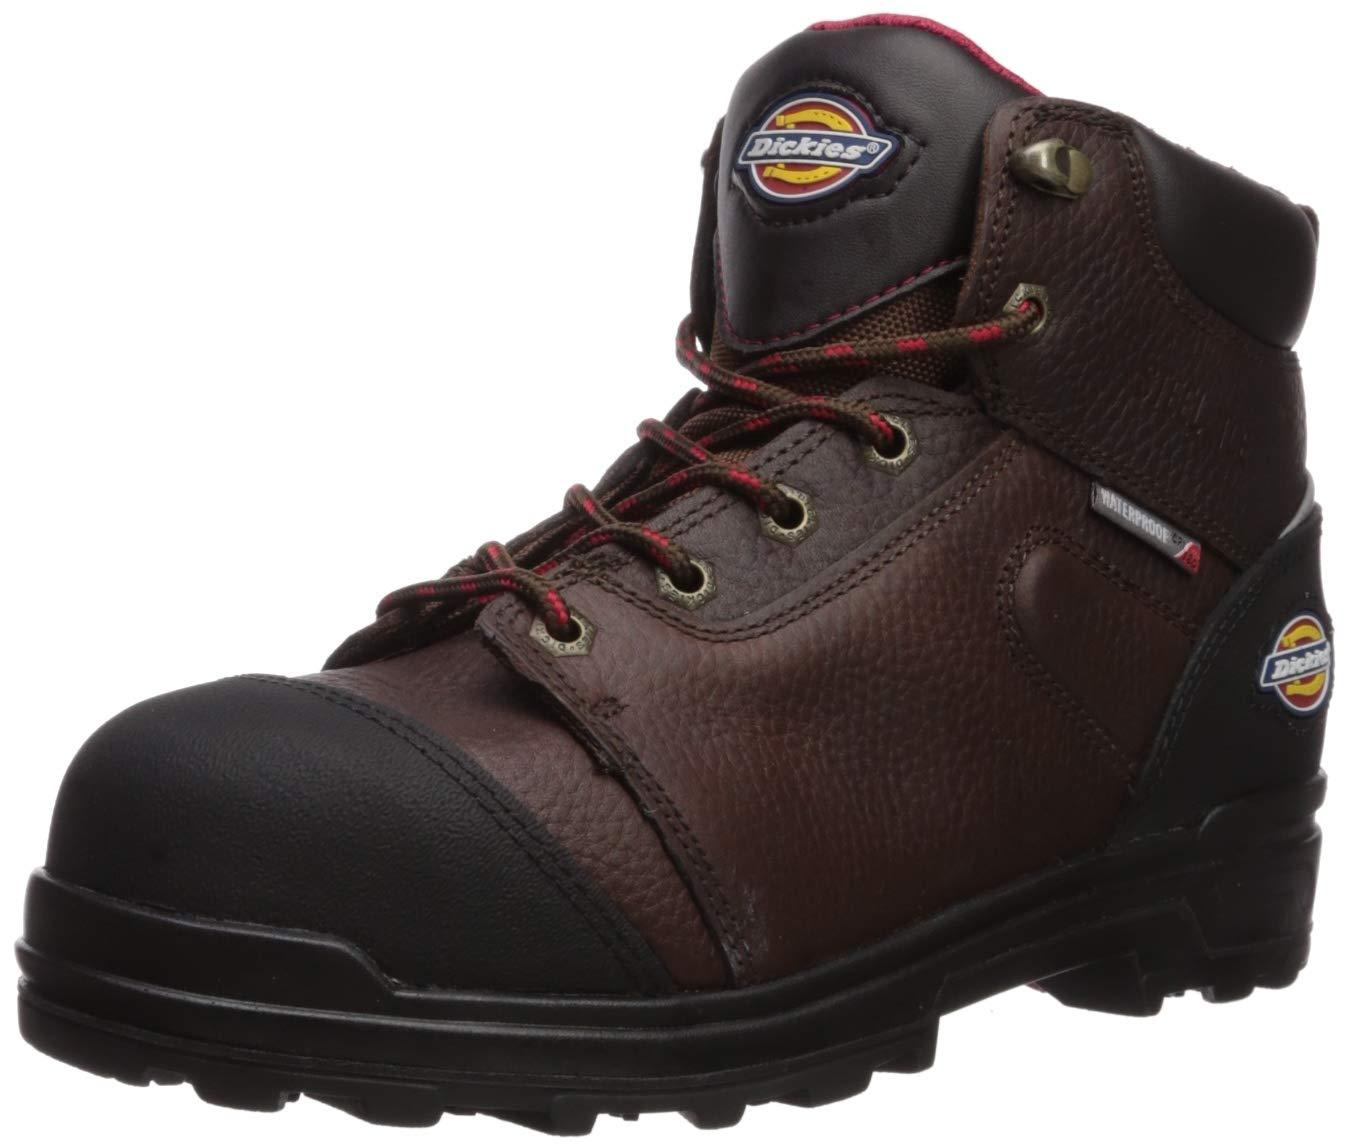 Dickies Men's Tanyard 6'' Steel Toe EH Waterproof Industrial Boot, Brown, 11 Medium US by Dickies